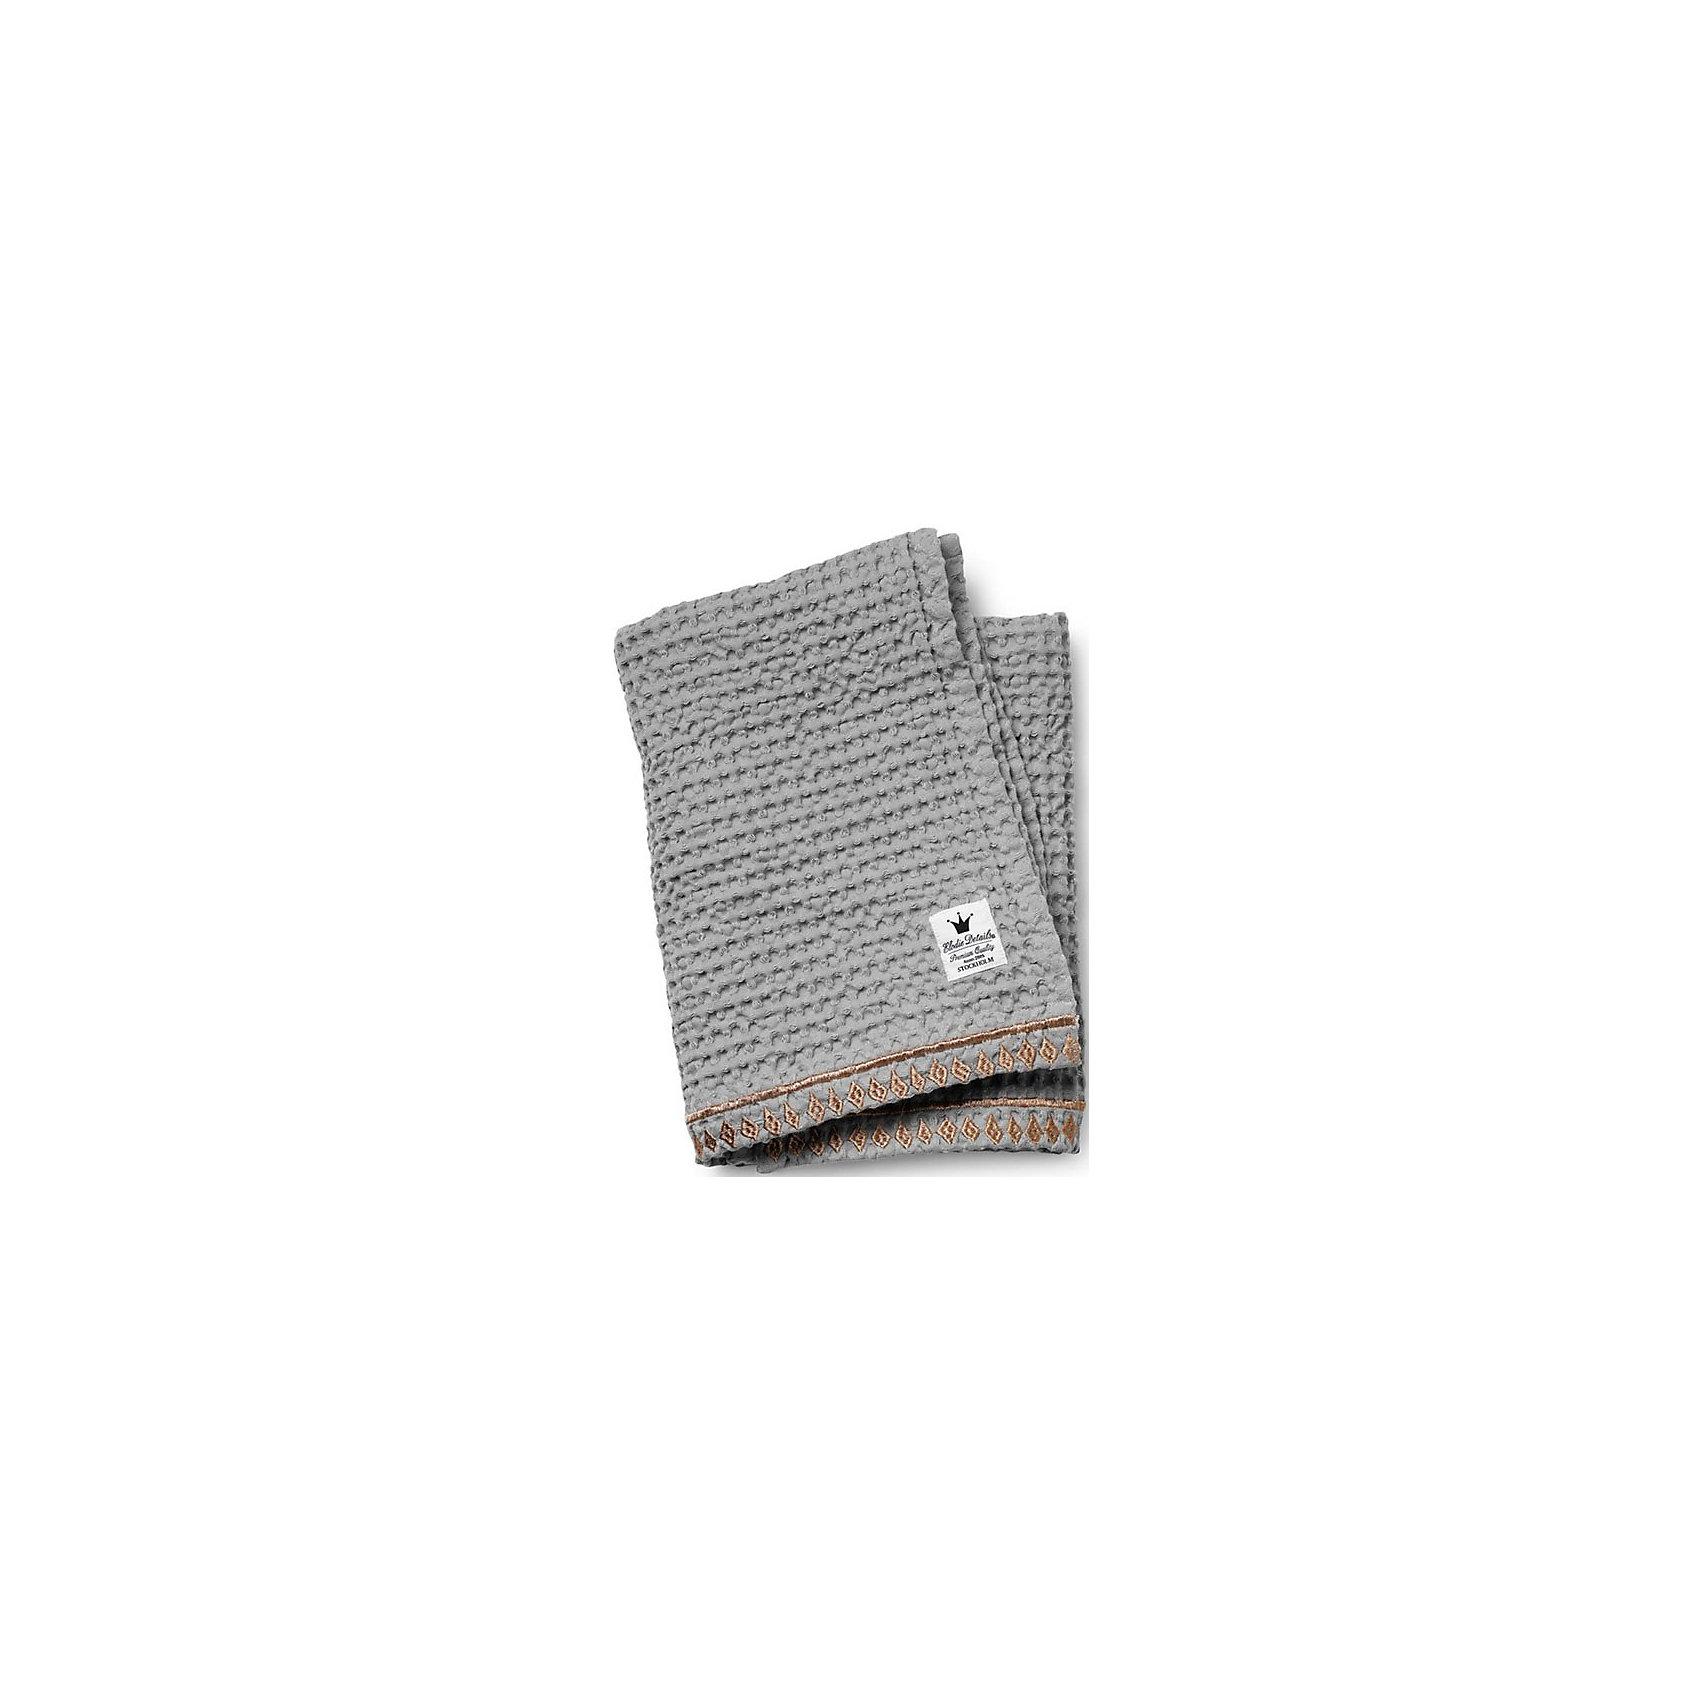 Плед Gilded Grey, Elodie Details (вафельный узор)Одеяла, пледы<br>Плед Gilded Grey, Elodie Details (Элоди Дитейлс) (вафельный узор)<br><br>Характеристики:<br><br>• стильный узор<br>• украшен вышивкой<br>• отлично сохраняет тепло и мягкость<br>• материал: 100% органический хлопок<br>• размер: 70х100 см<br><br>Плед Gilded Grey изготовлен из органического хлопка, который подарит вам уют и мягкость даже после многочисленных стирок. Плед имеет привлекательный вафельный узор и вышивку в марокканском стиле по краю. Использовать его удобно не только дома, но и на прогулке.<br><br>Плед Gilded Grey, Elodie Details (Элоди Дитейлс) (вафельный узор) вы можете купить в нашем интернет-магазине.<br><br>Ширина мм: 370<br>Глубина мм: 250<br>Высота мм: 40<br>Вес г: 430<br>Возраст от месяцев: 0<br>Возраст до месяцев: 36<br>Пол: Унисекс<br>Возраст: Детский<br>SKU: 4966106